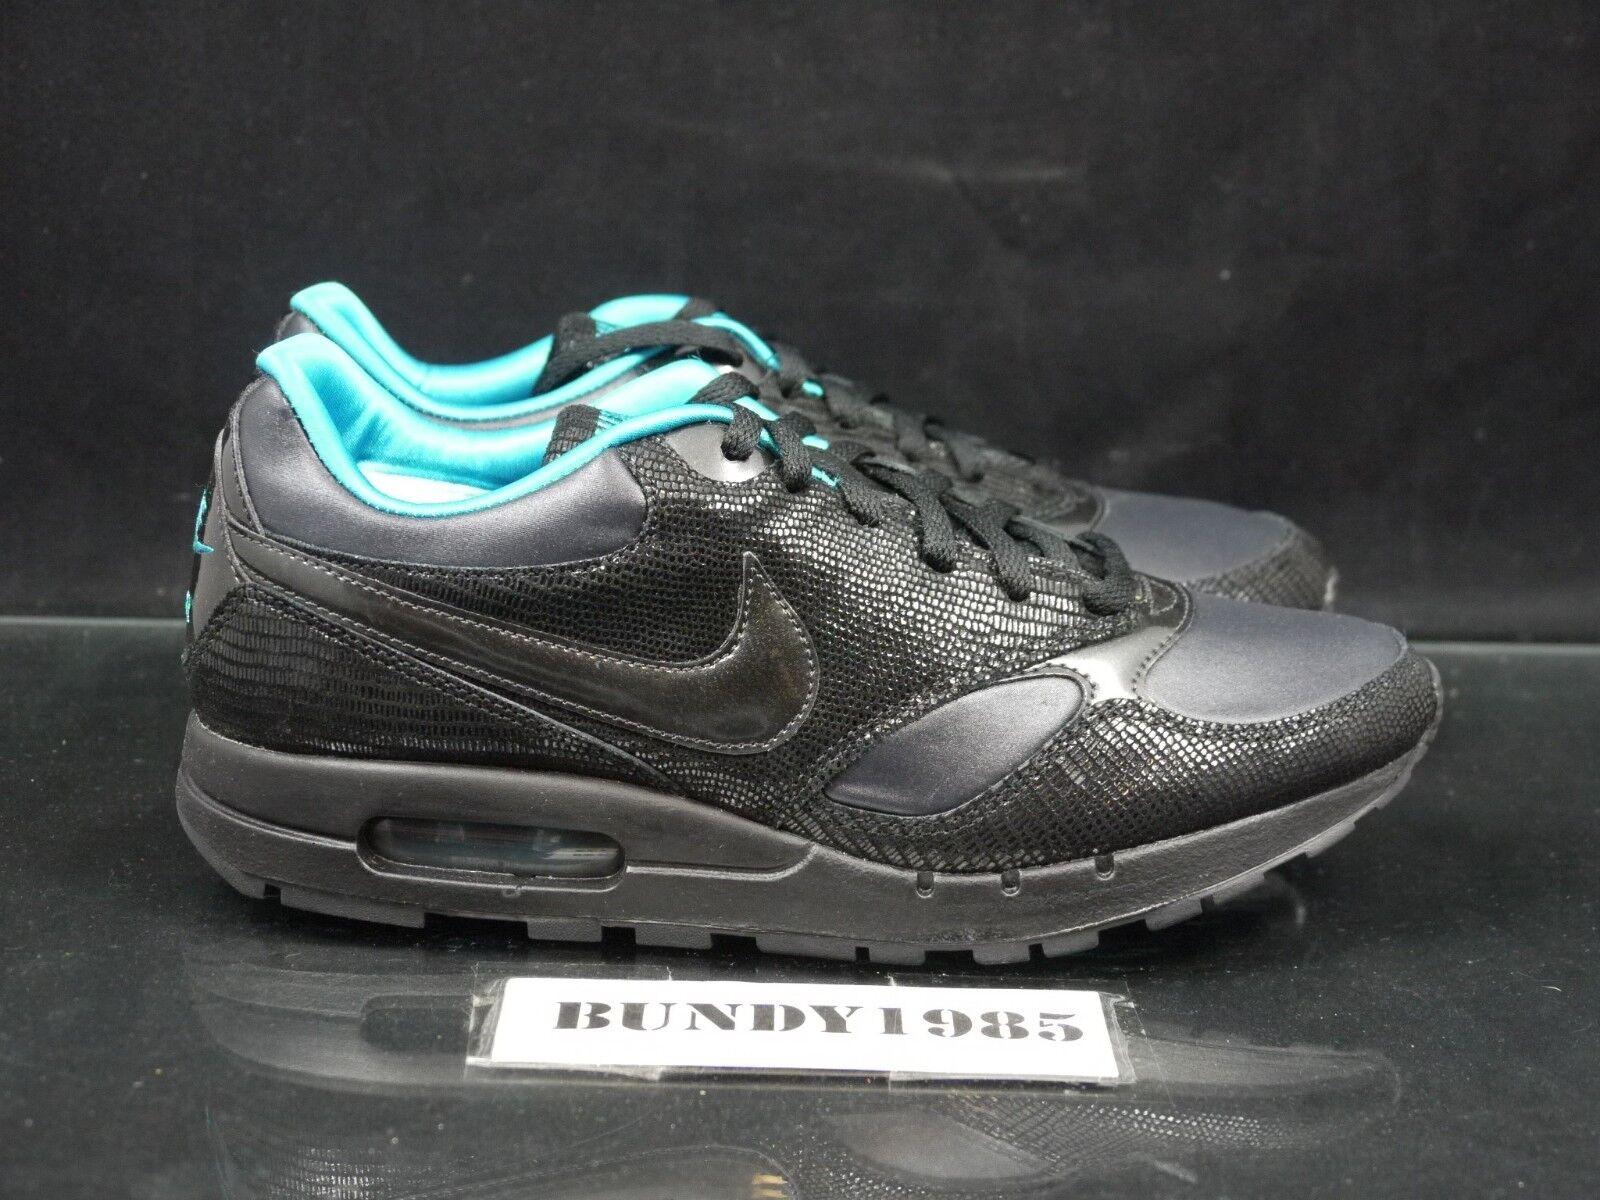 354939 008 008 008 Nike Air zenyth Vidrio Negro Azul para Mujer Talla 7 Dunk Jordan Supremo P  promociones emocionantes